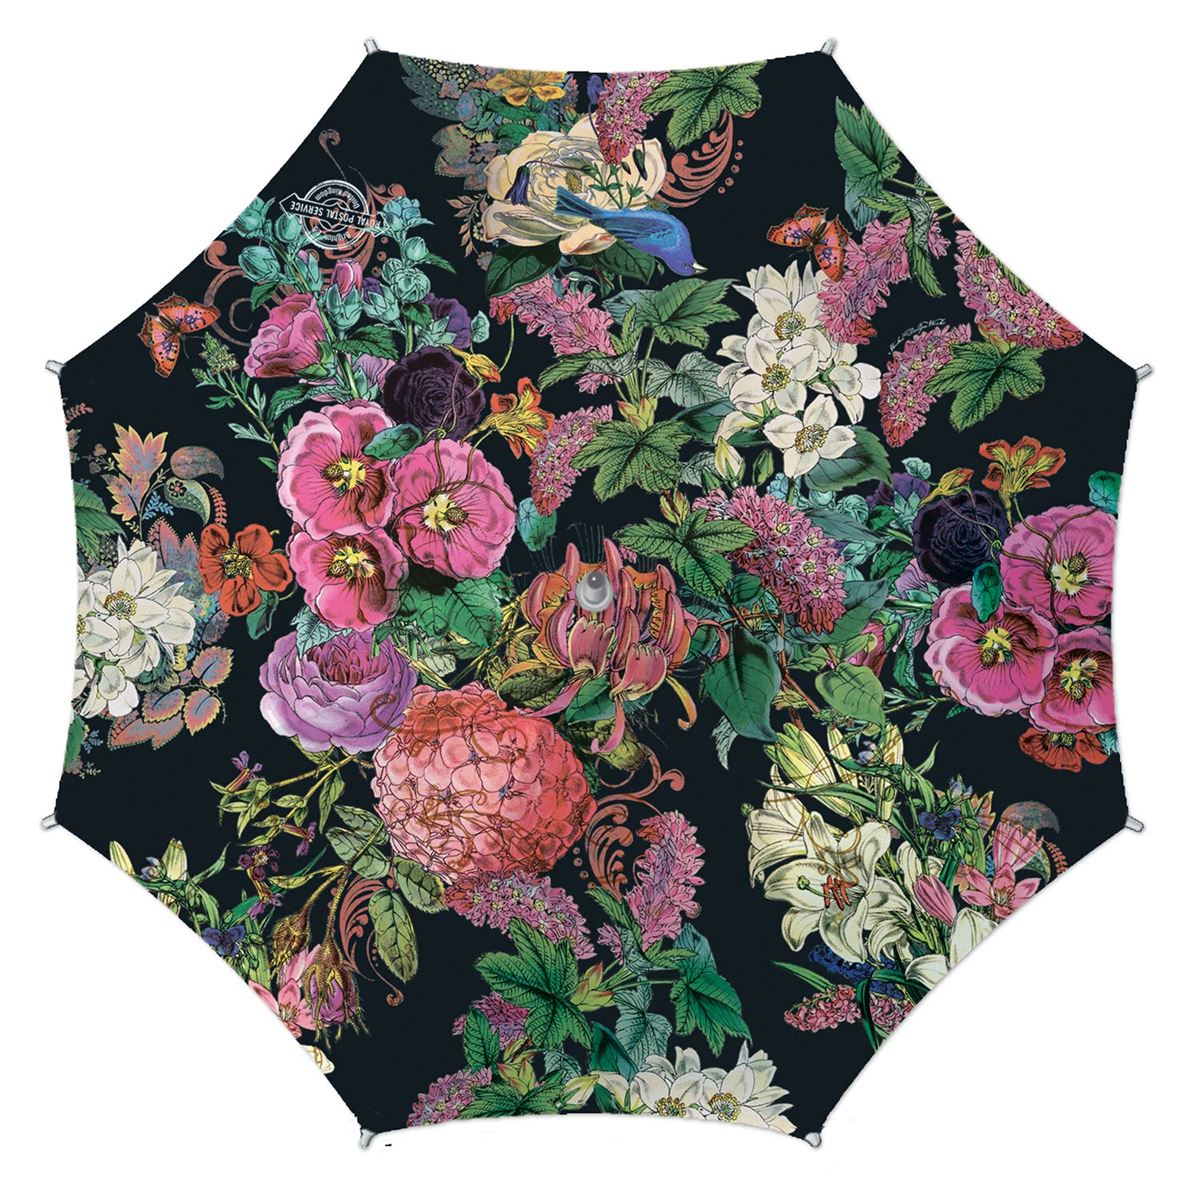 Michel Design Works Umbrellas Botanical Garden